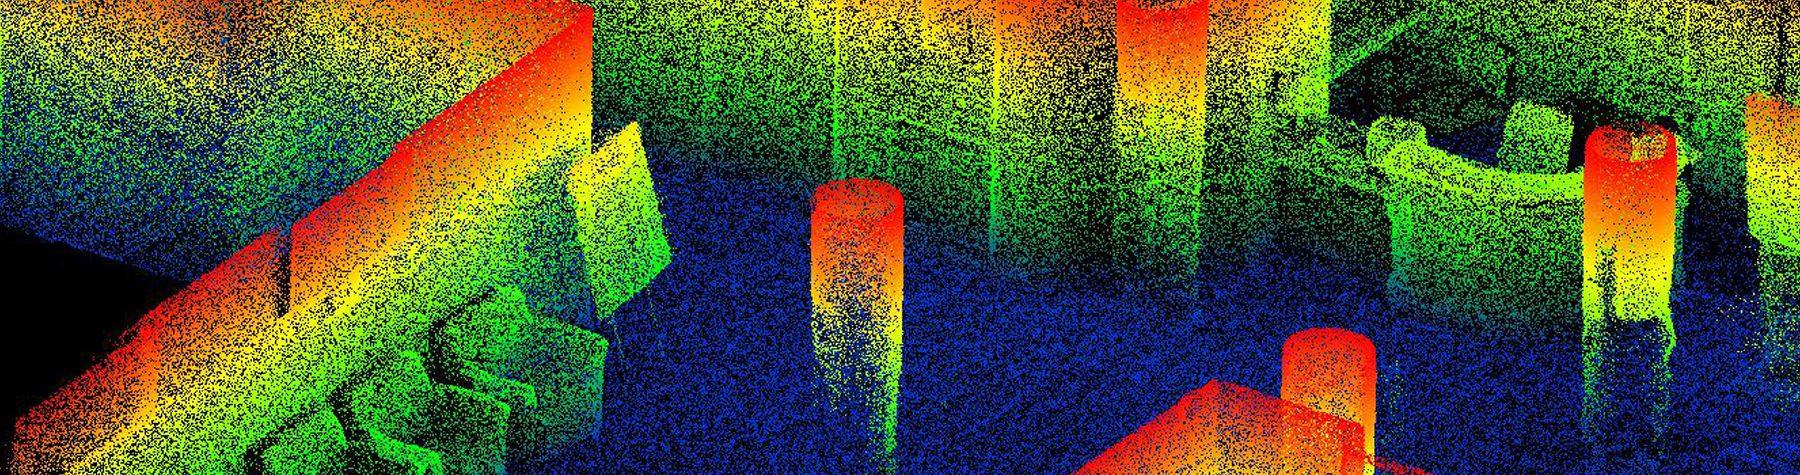 Geospatial Data Analytics Online Graduate Certificate: Image of indoor LiDAR point cloud.